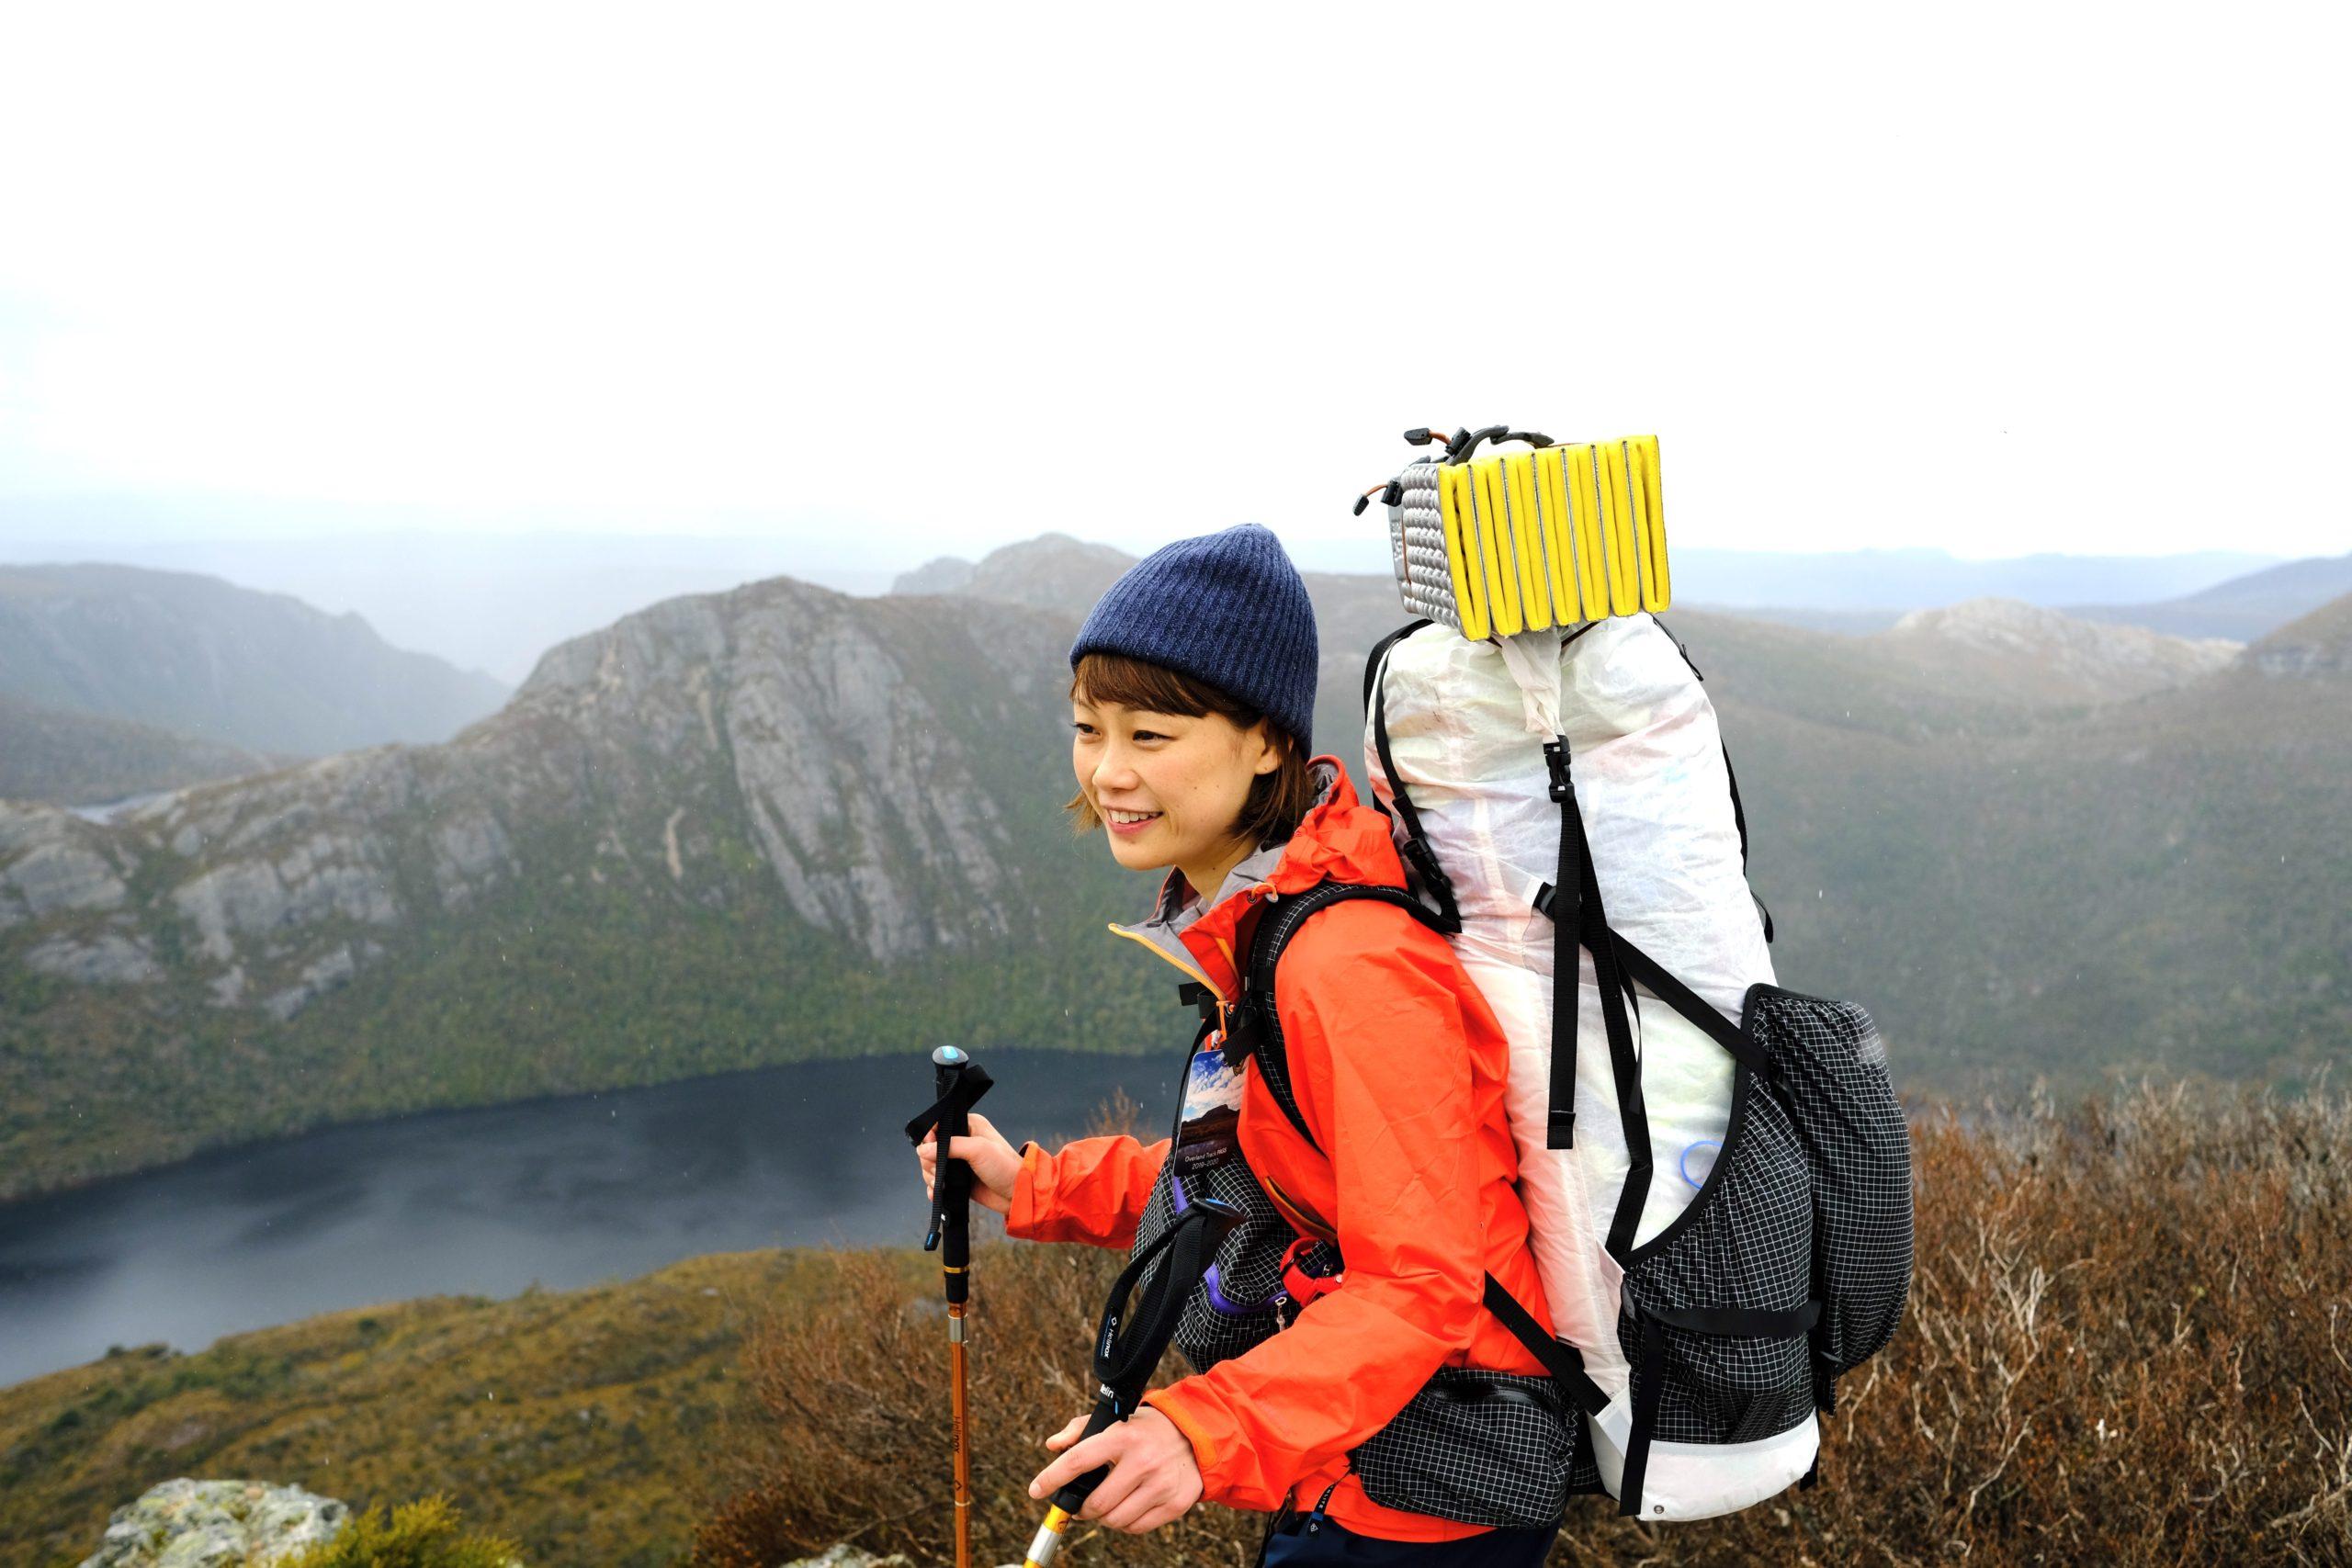 【メディア掲載】ウェブサイト『山歩みち』にインタビュー記事が掲載されました